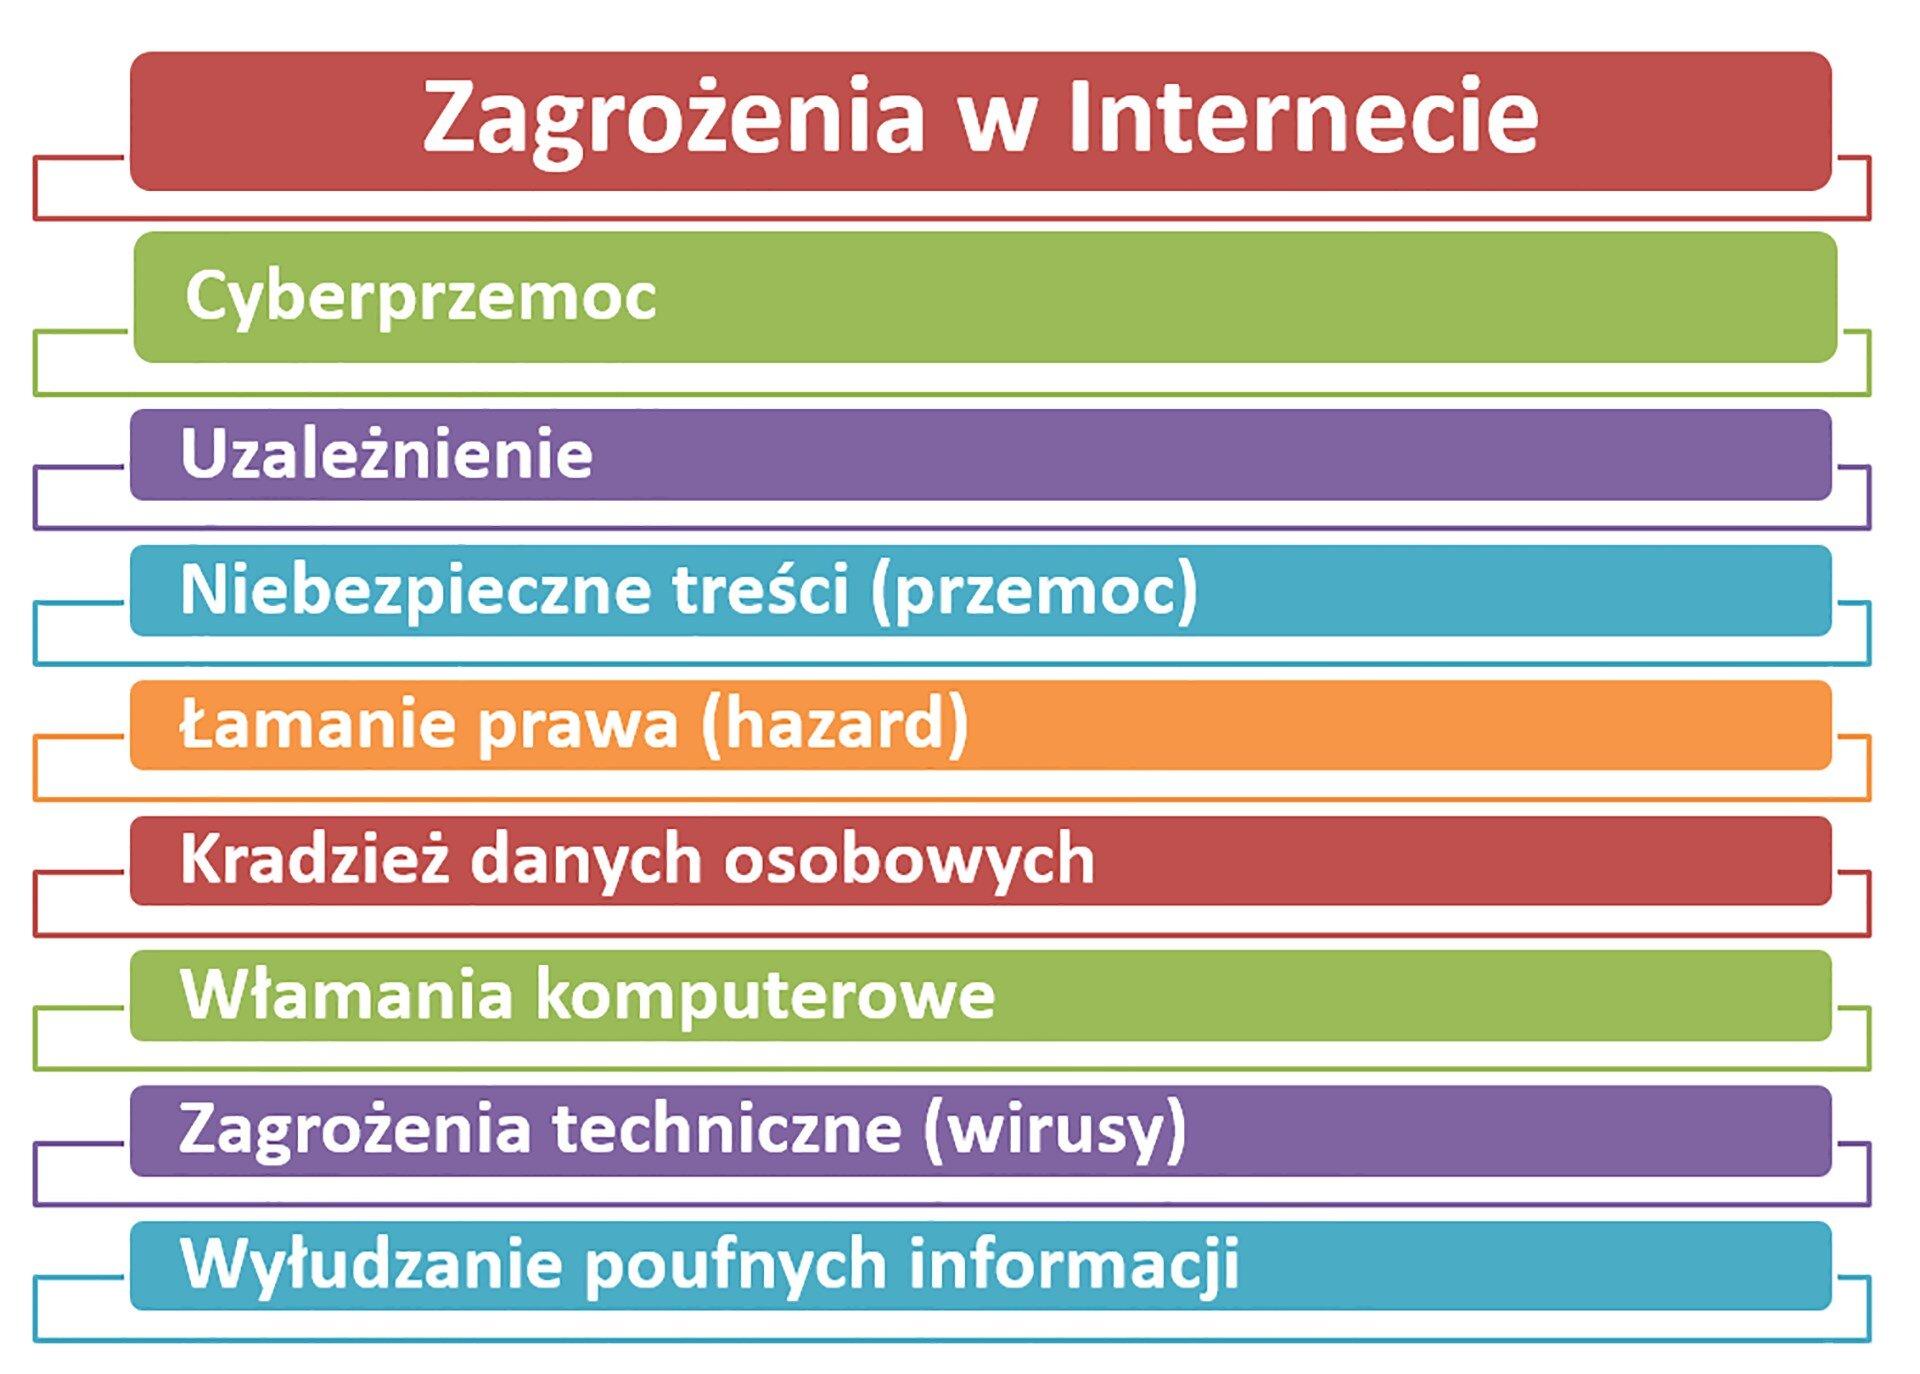 Zrzut tabeli zawierającej wykaz zagrożeń wsieci internetowej